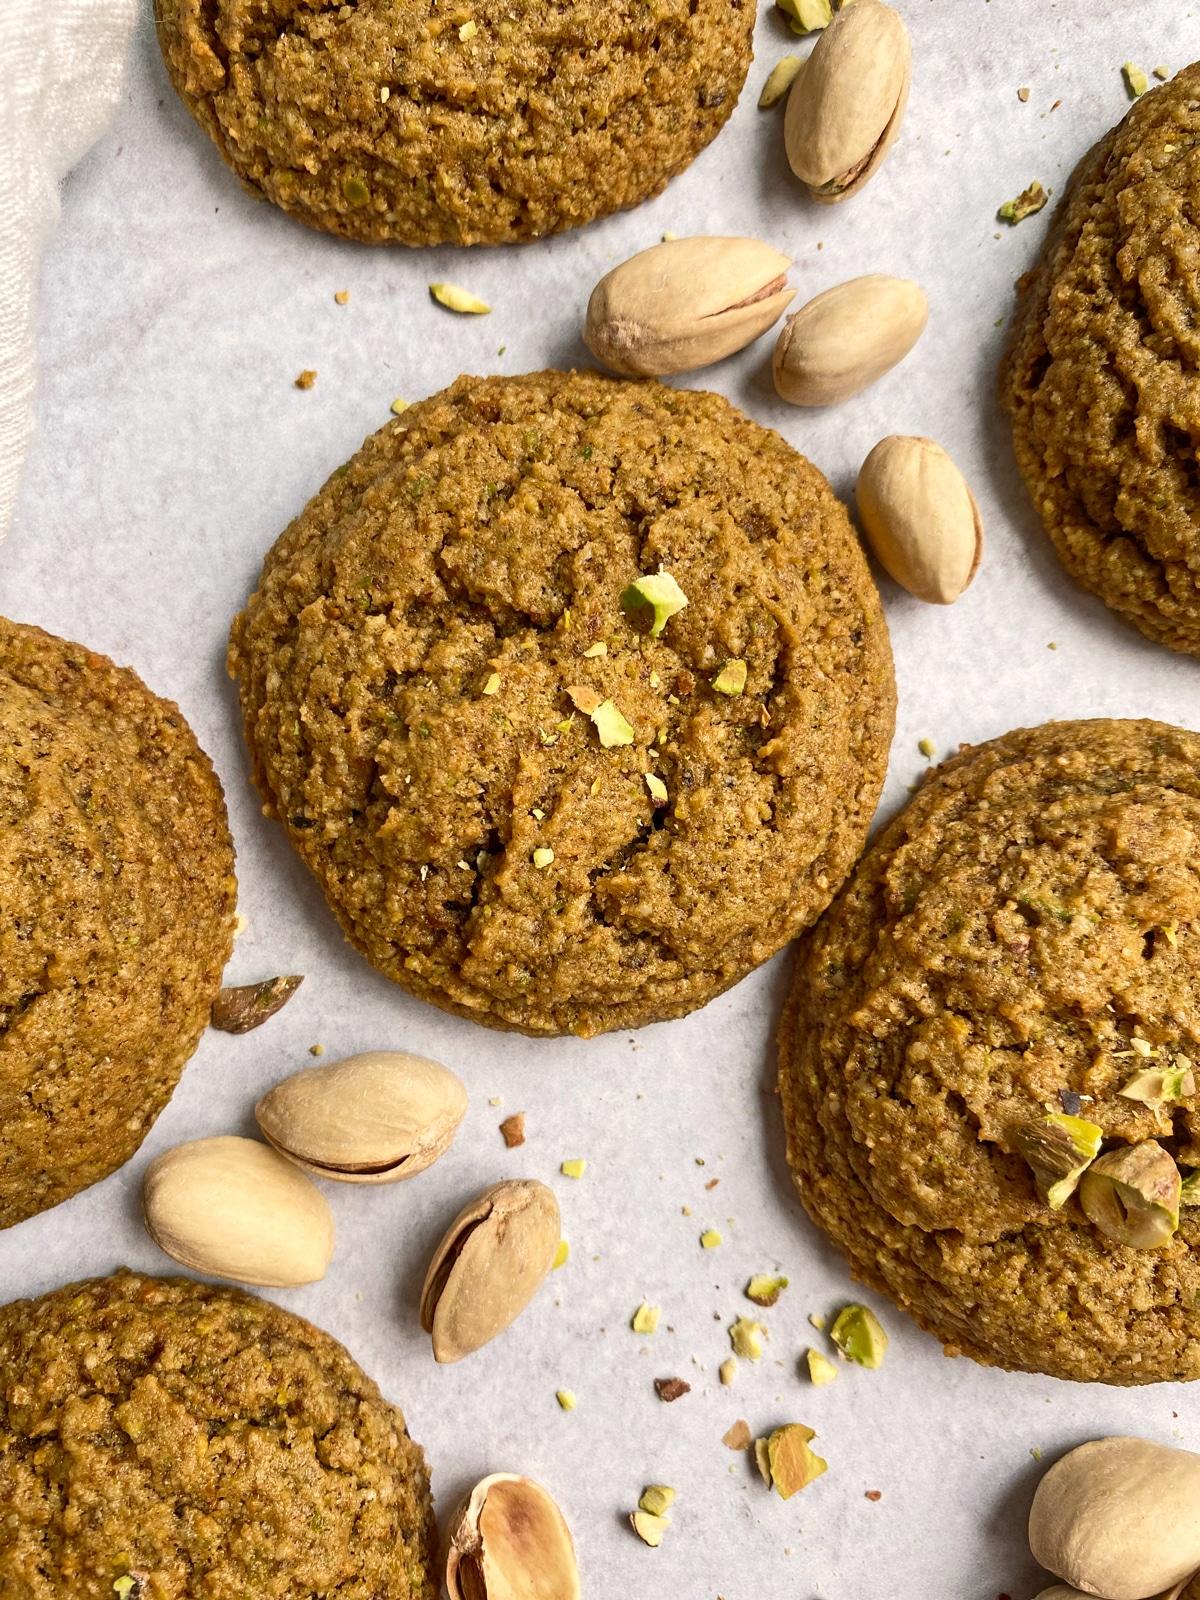 almond-pistachio-cookies-top-view